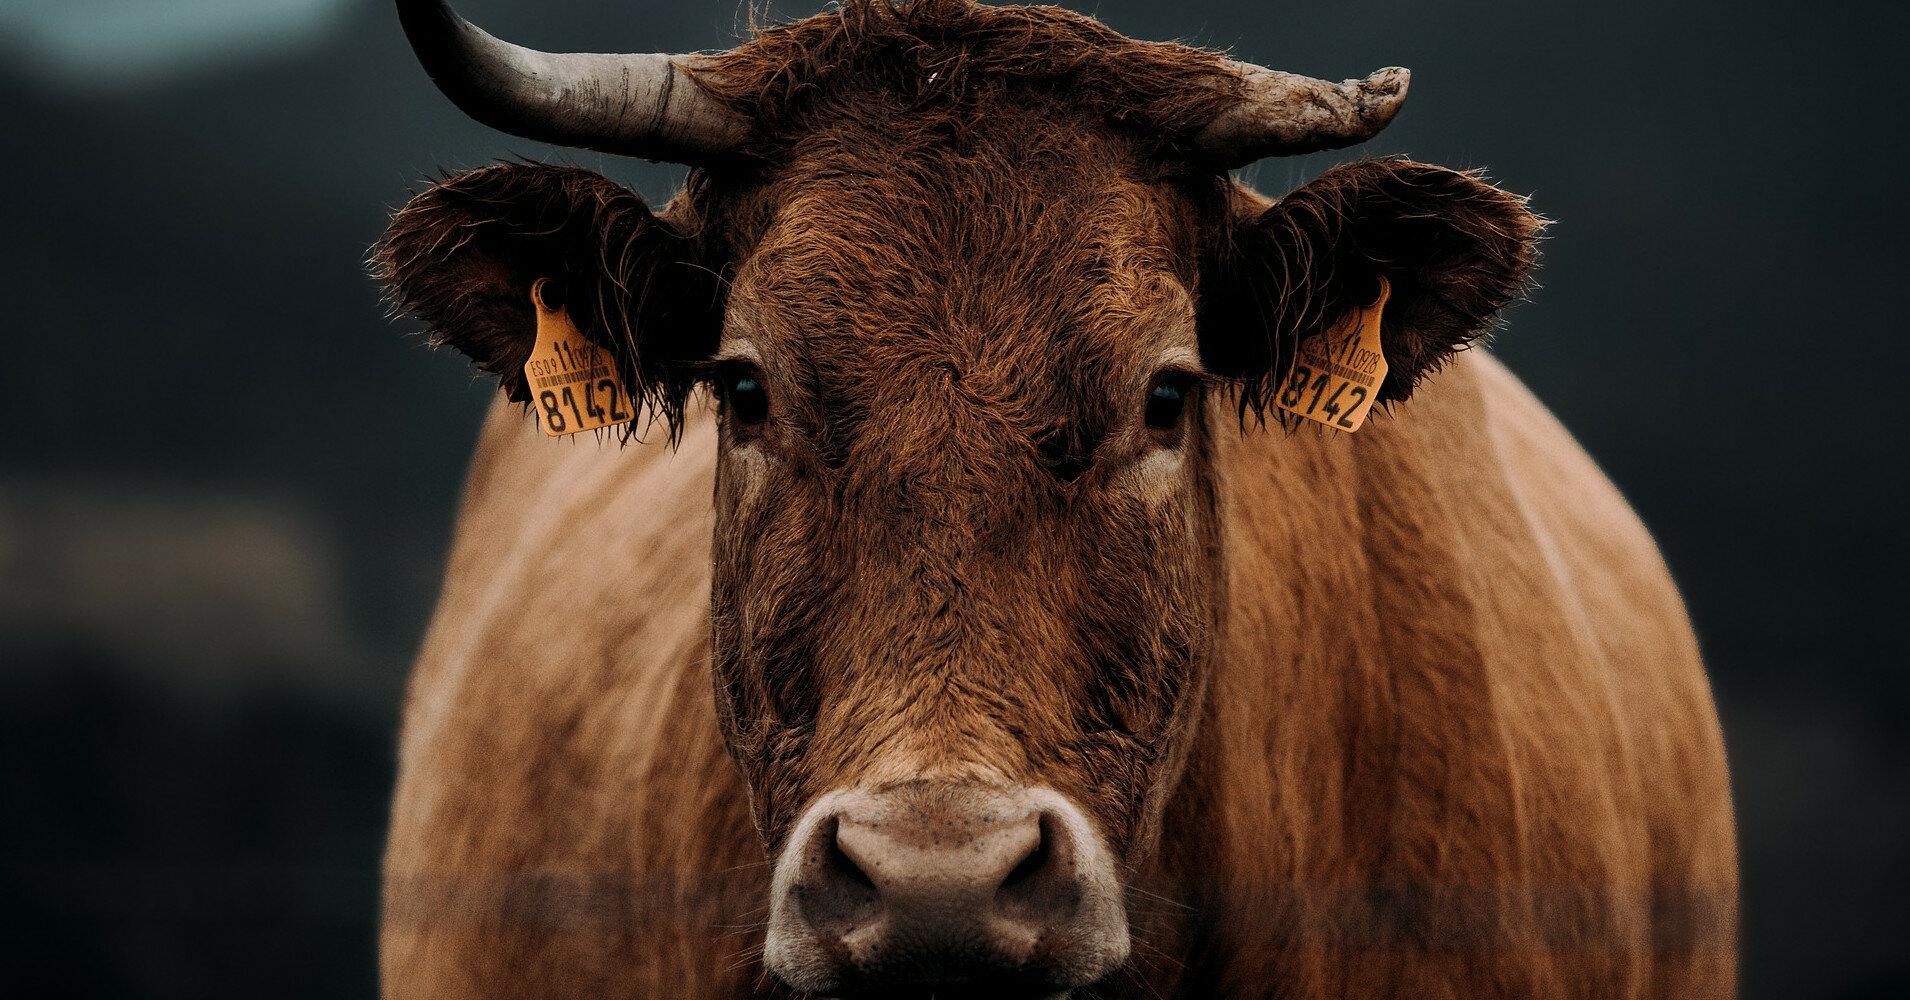 В США будут надевать маски на коров, чтобы спасти экологию